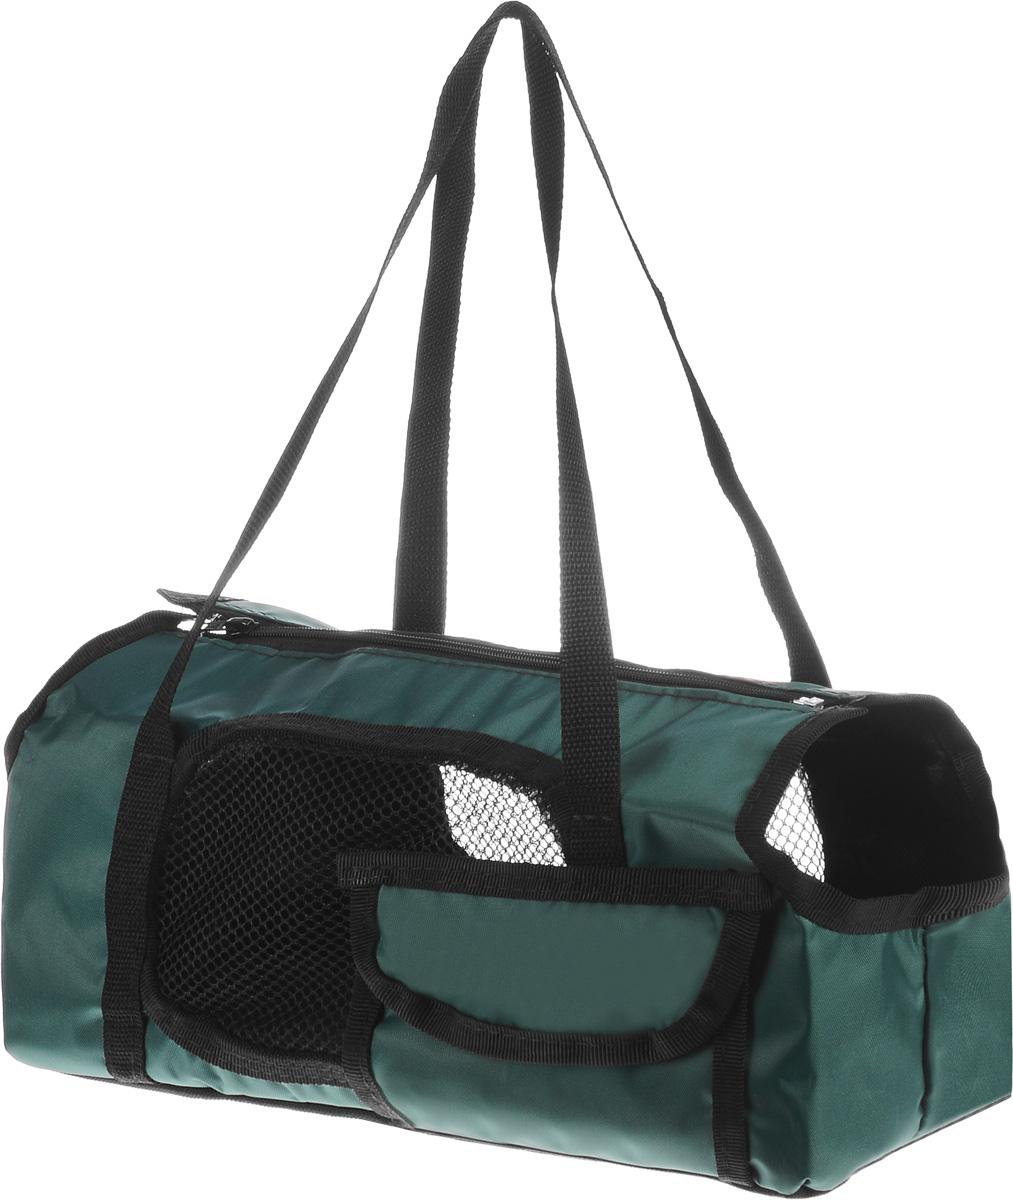 Сумка-переноска для животных Elite Valley  Батискаф , с отверстием для головы, цвет: темно-зеленый, черный, 37 х 14 х 16 см - Переноски, товары для транспортировки